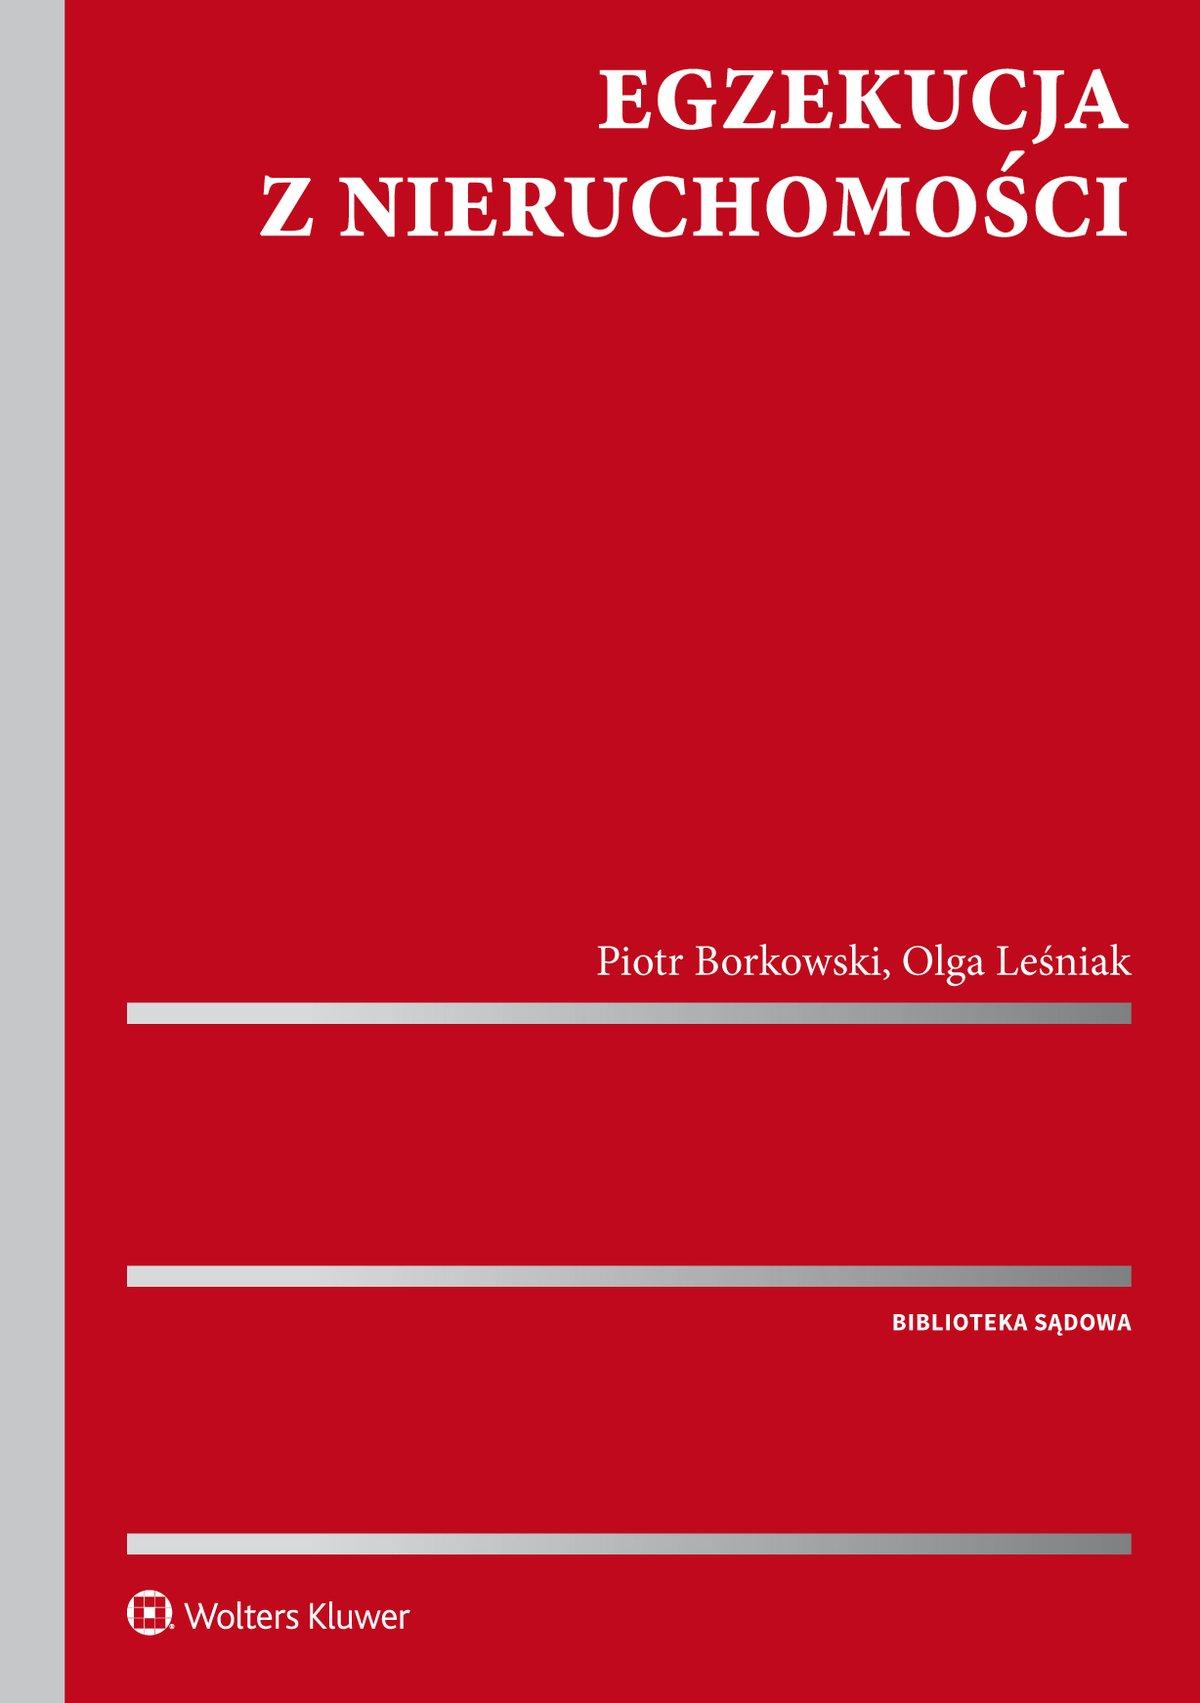 Egzekucja z nieruchomości - Ebook (Książka PDF) do pobrania w formacie PDF